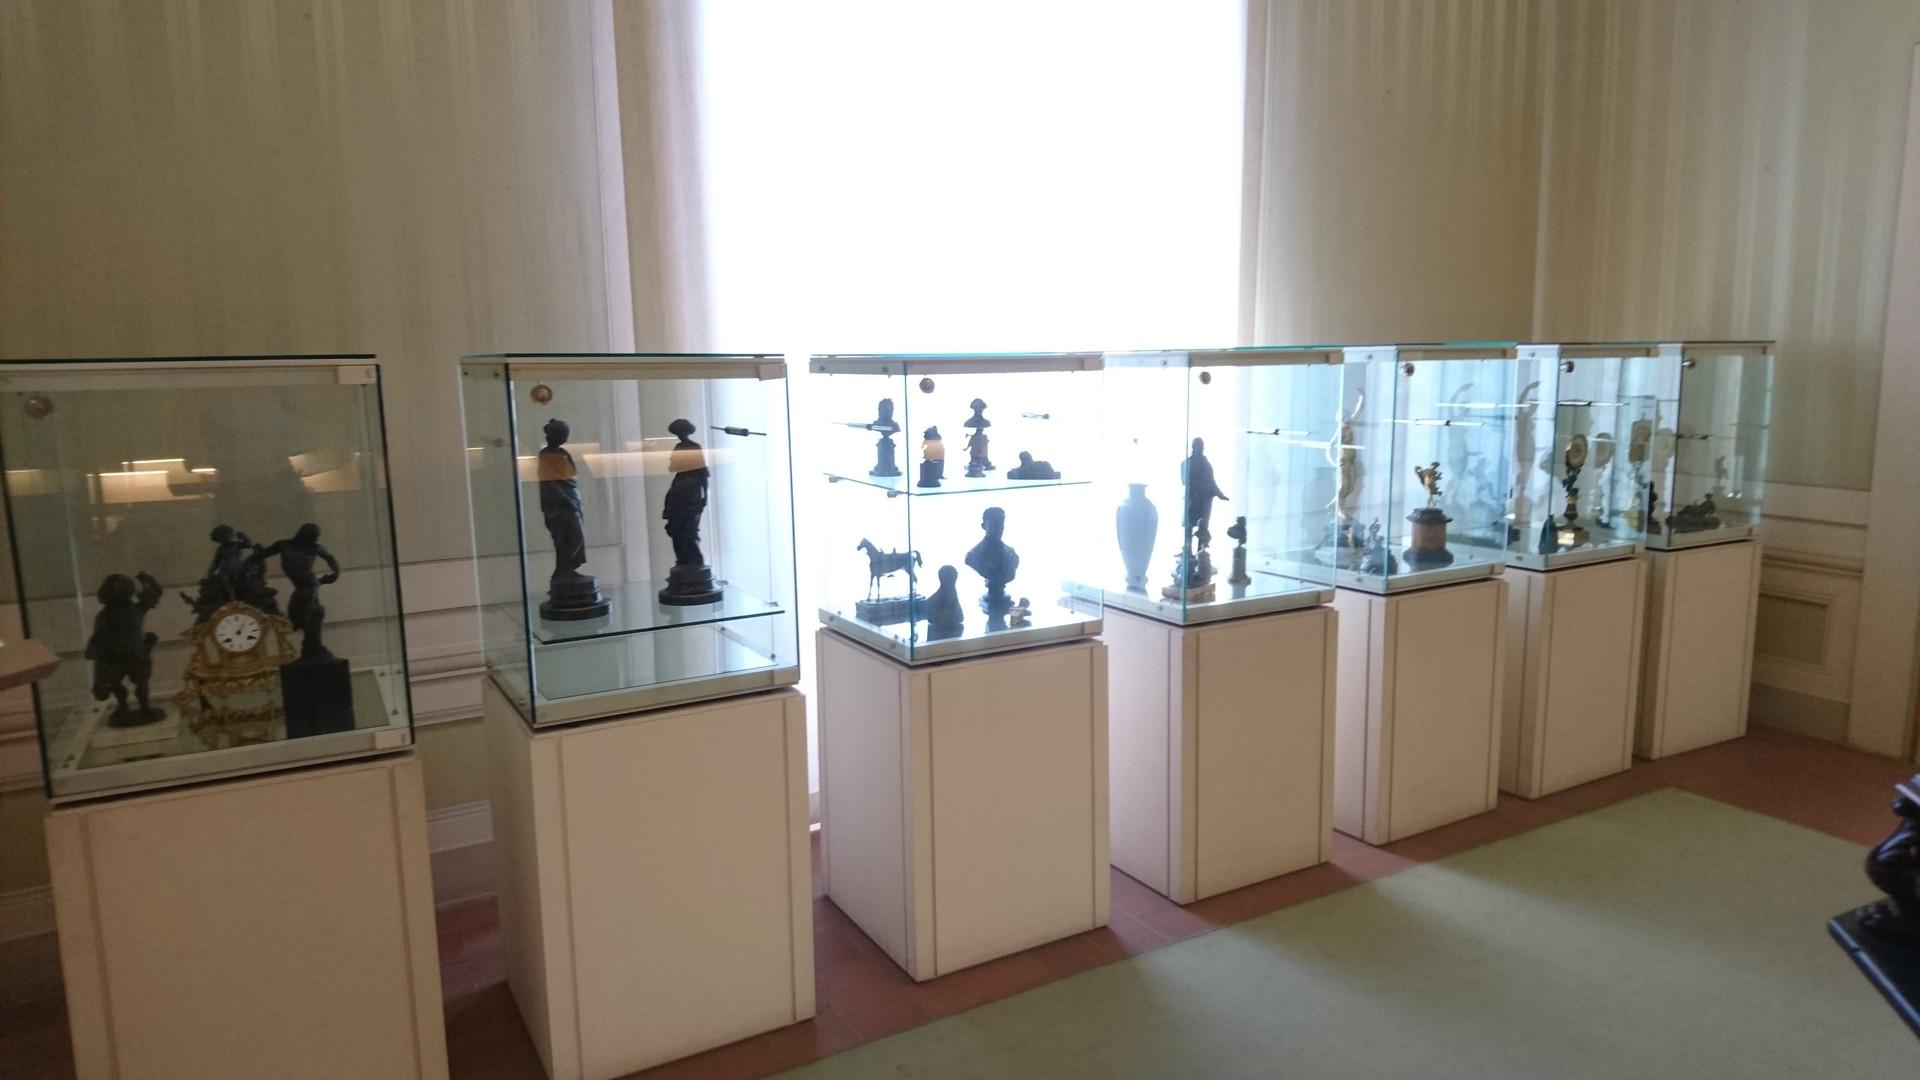 museo-di-palazzo-reale-21c225754a5606503